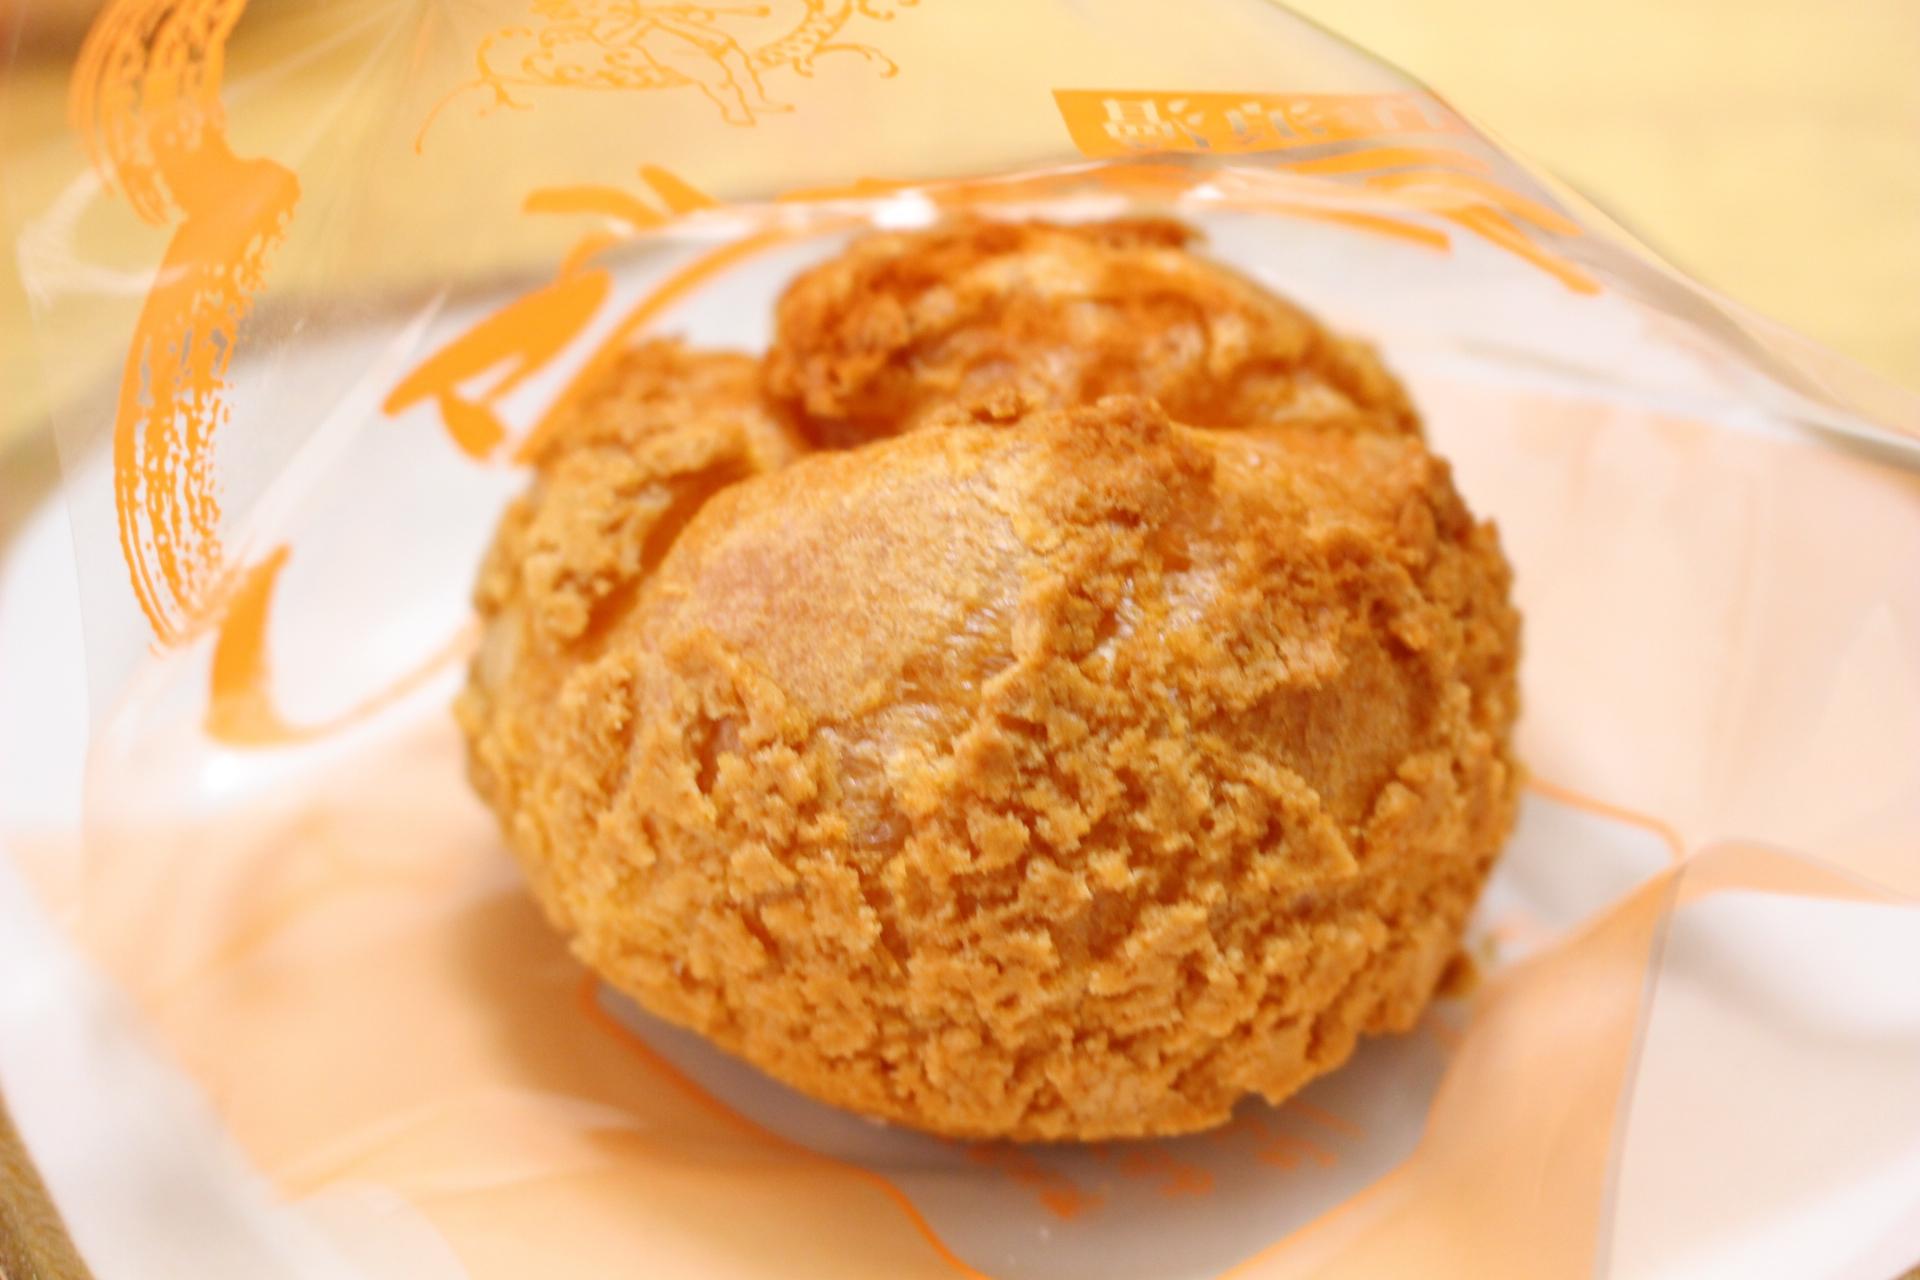 【カトレヤ】熊本のケーキ屋にある、大人気シュークリームが絶品!!